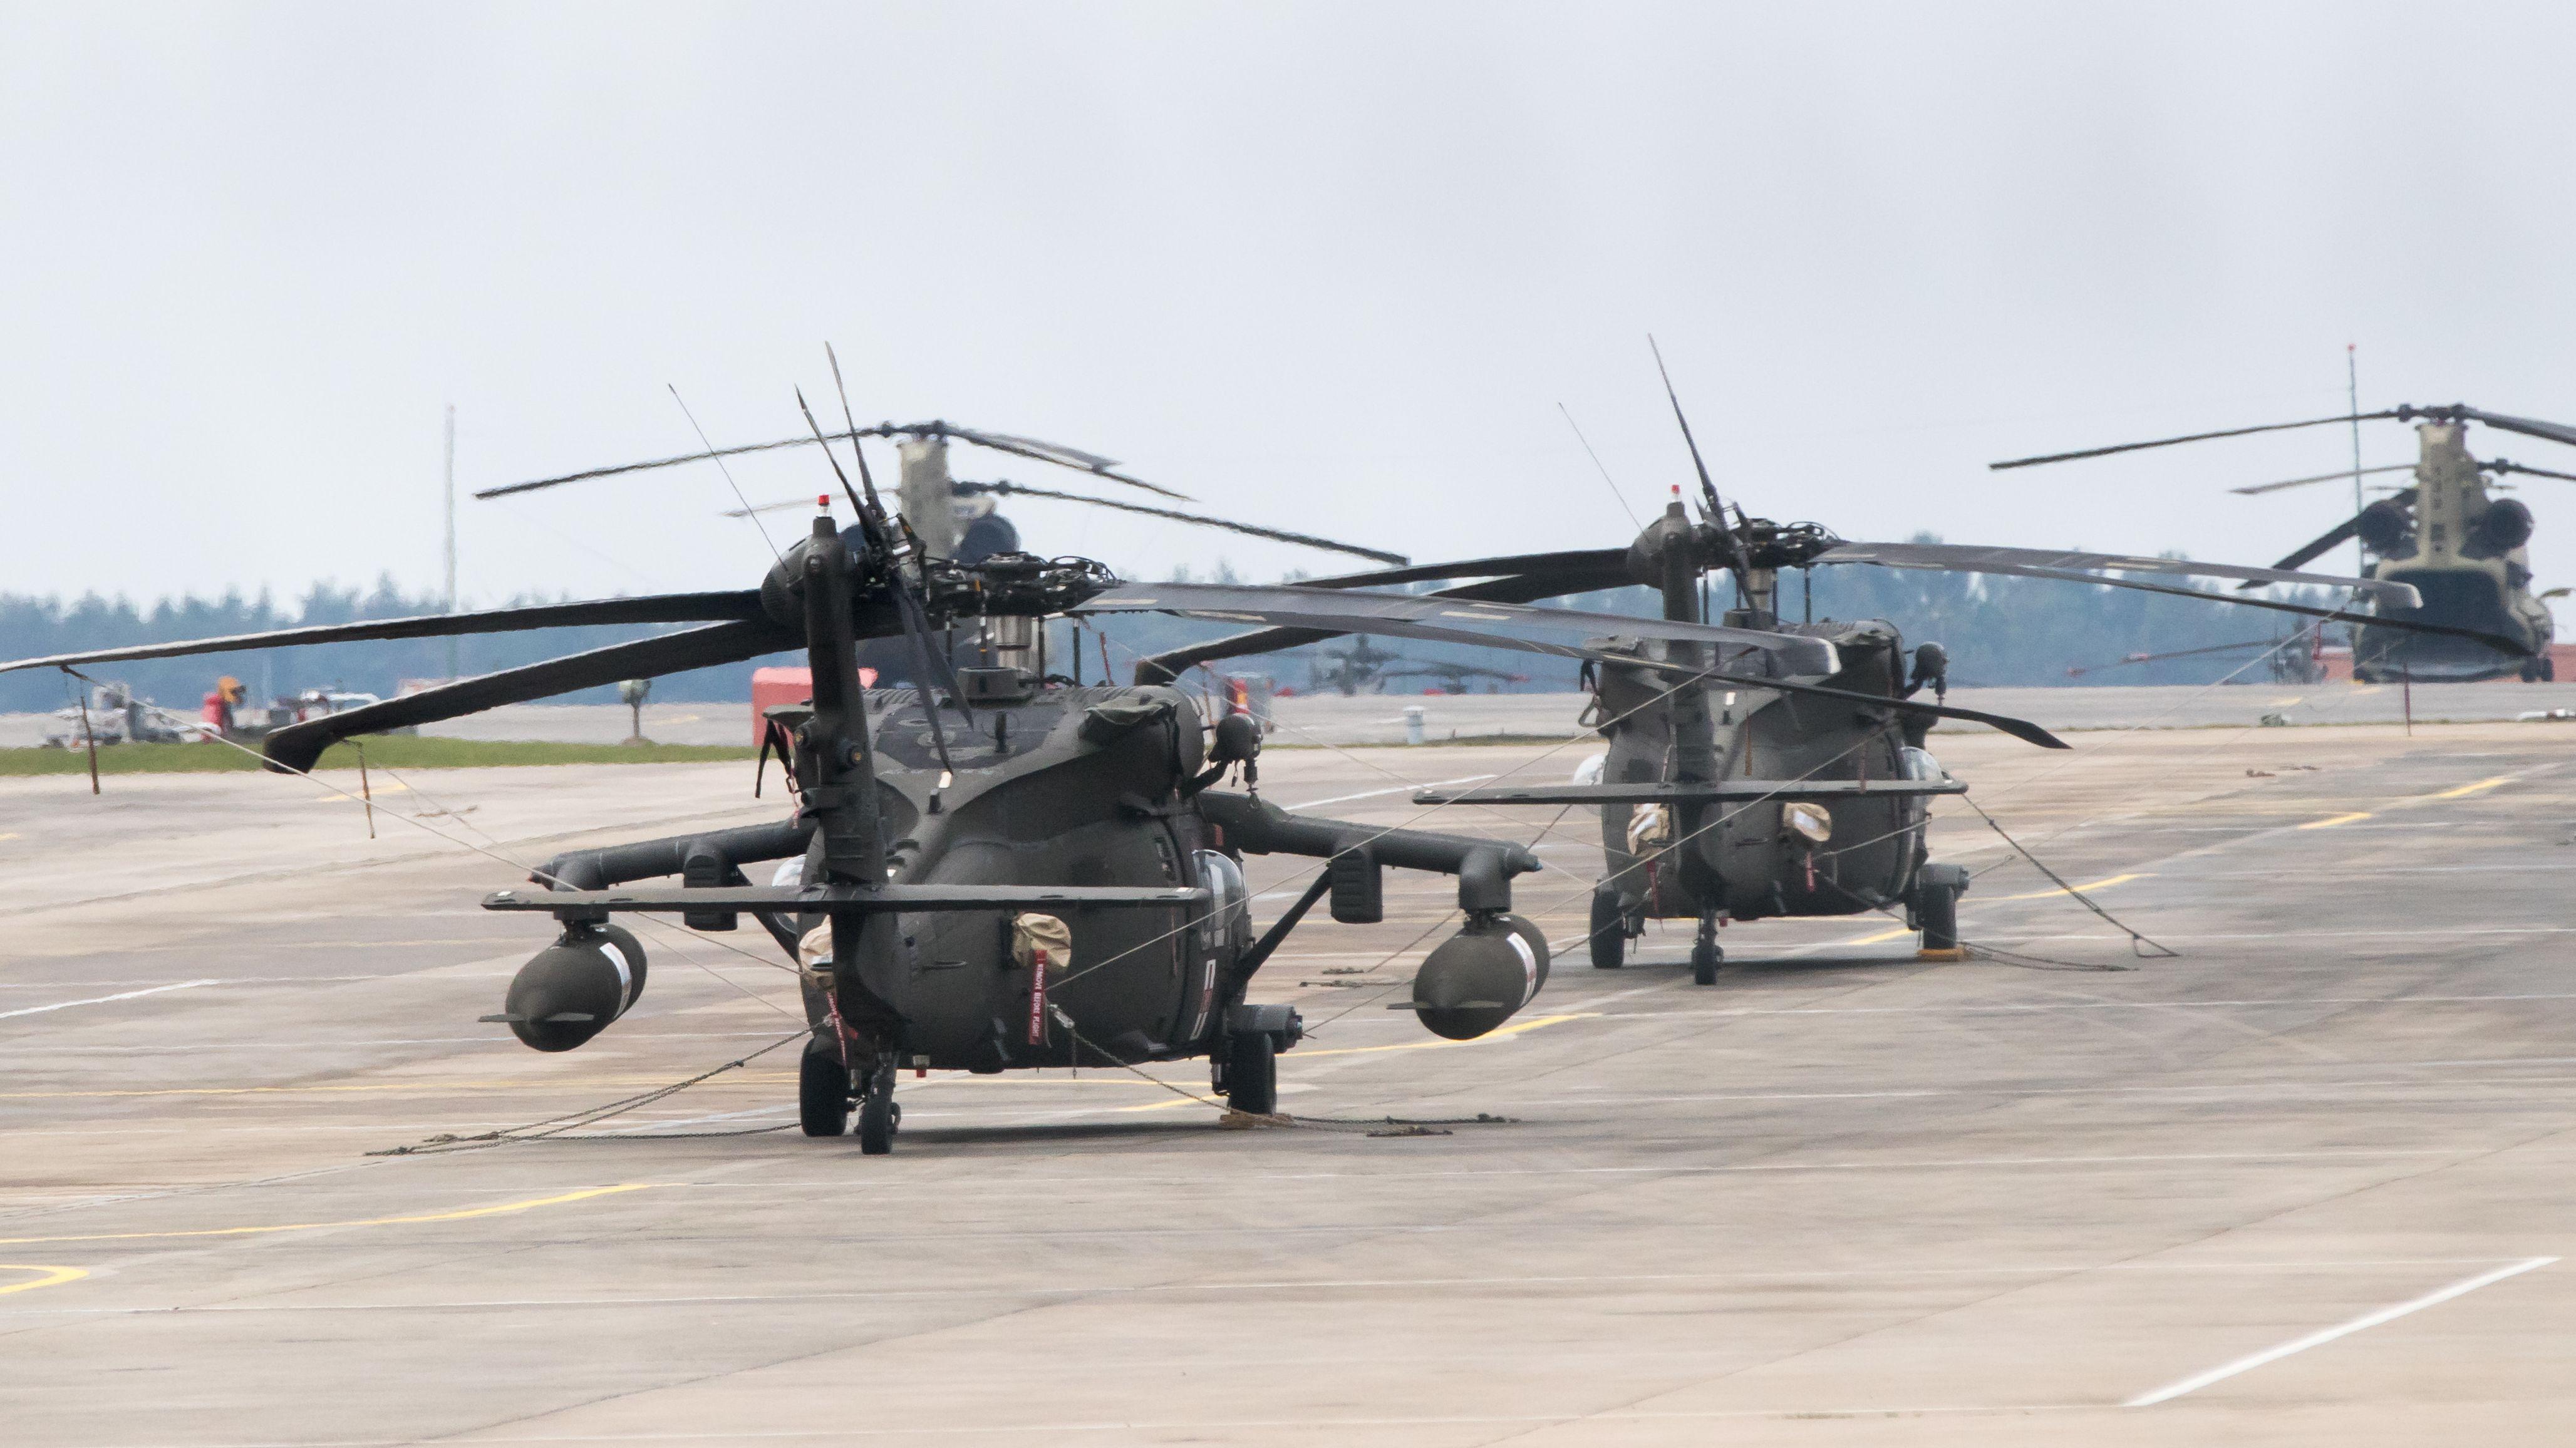 Helikopter der US-Armee stehen auf dem Flugfeld am Stützpunkt Katterbach bei Ansbach